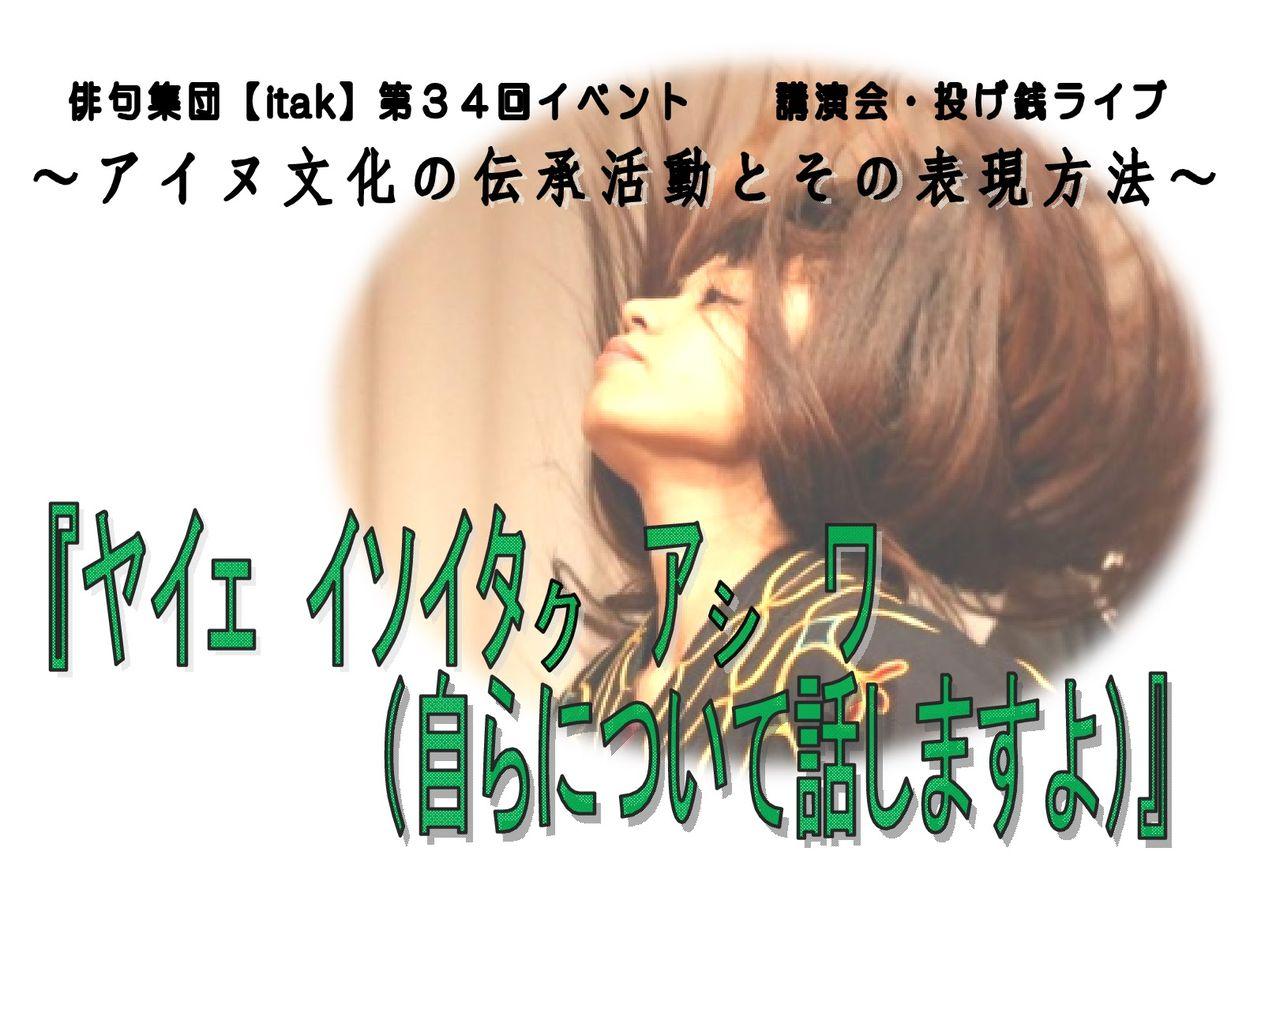 291031俳句集団itak第34thイベント